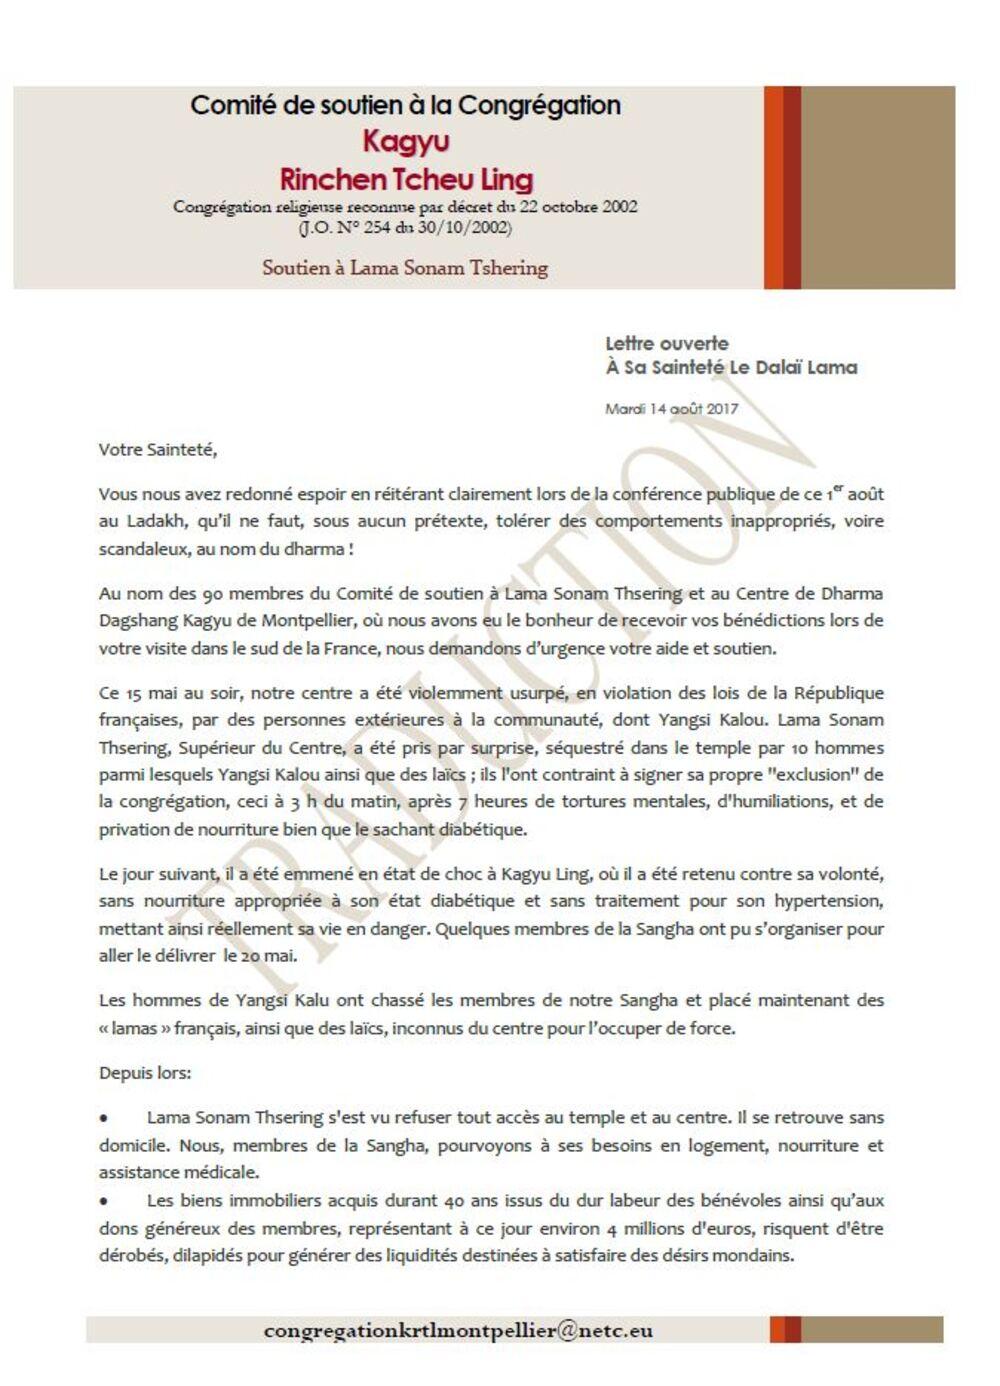 Lettre ouverte à Sa Sainteté le Dalaï Lama